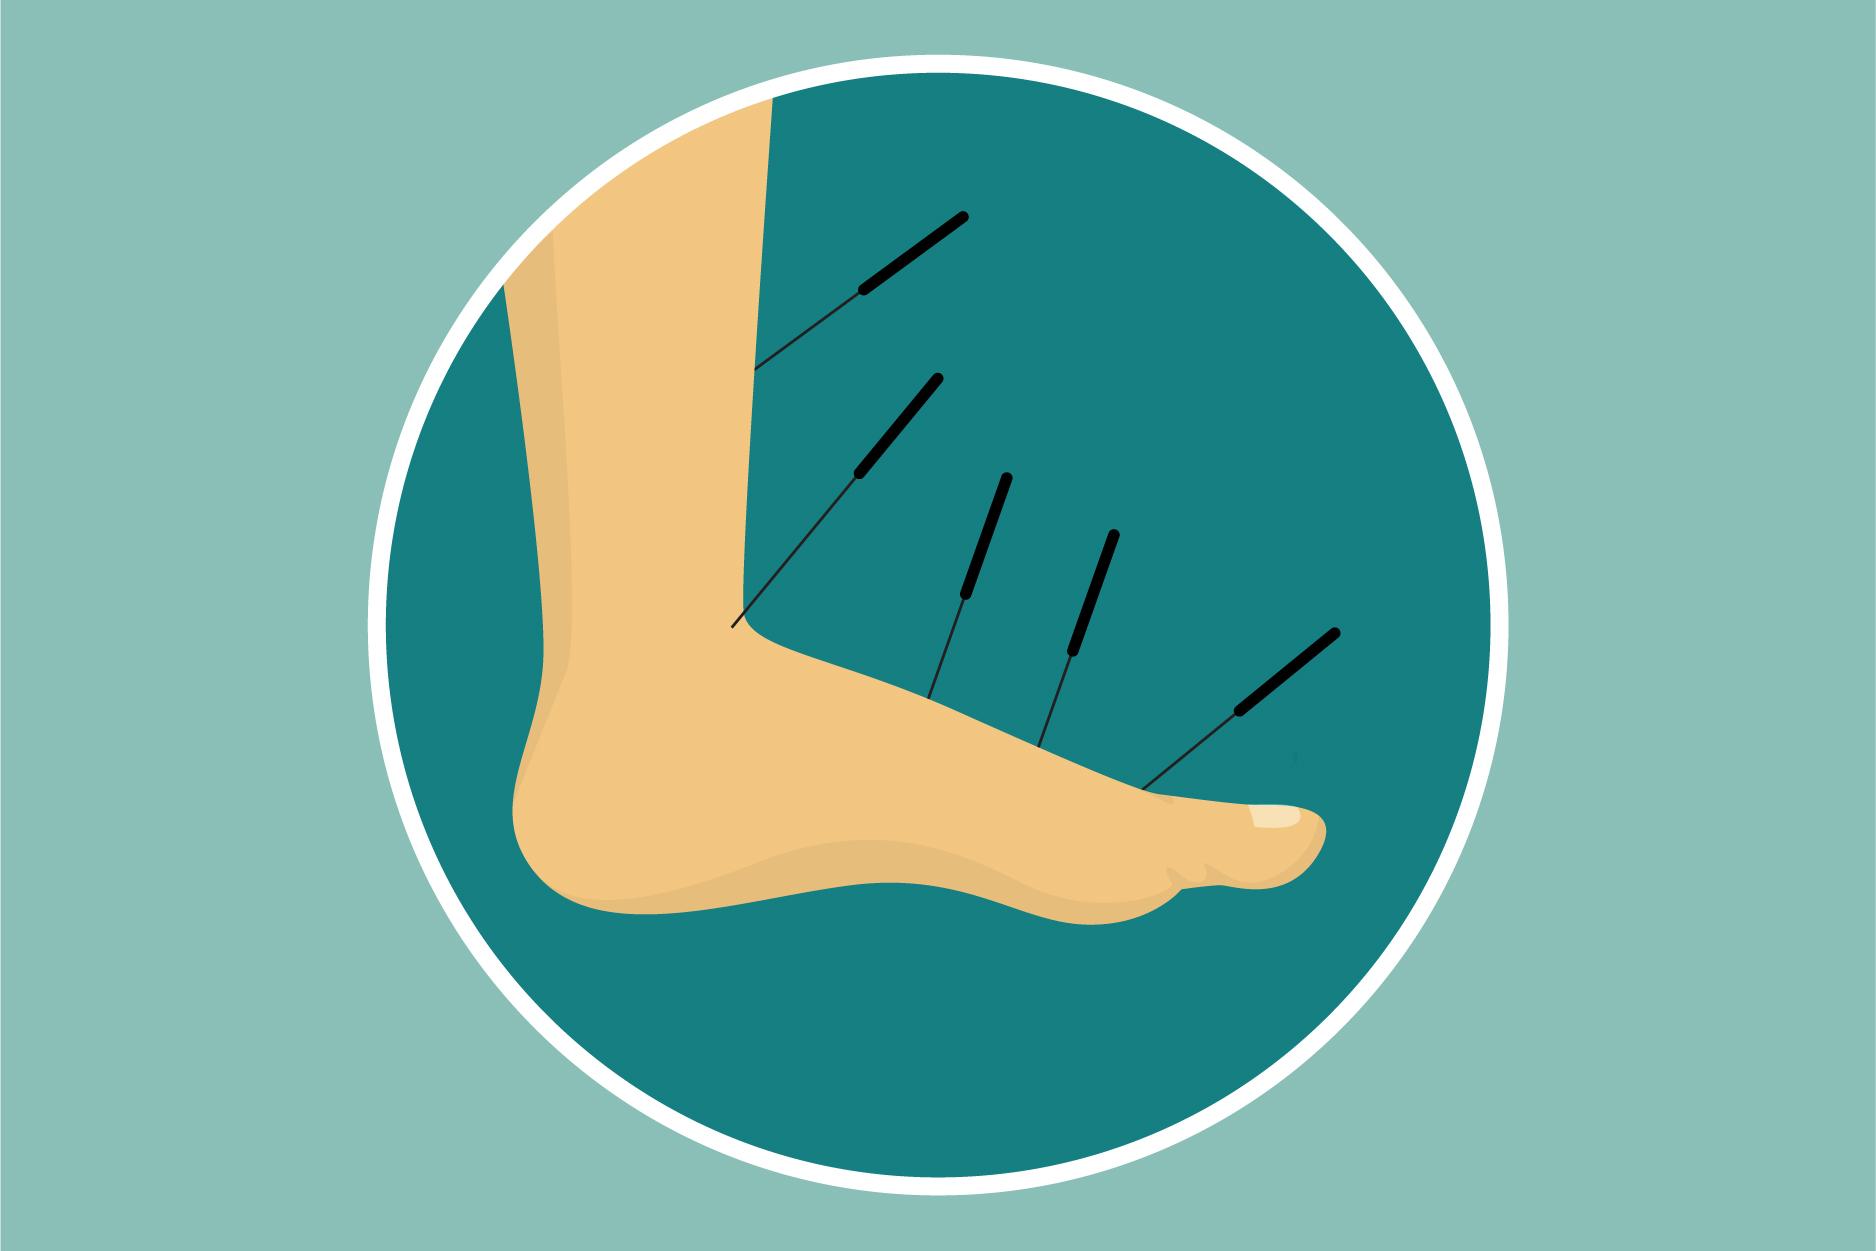 国外网站列出最痛苦的5种手术,你同意吗